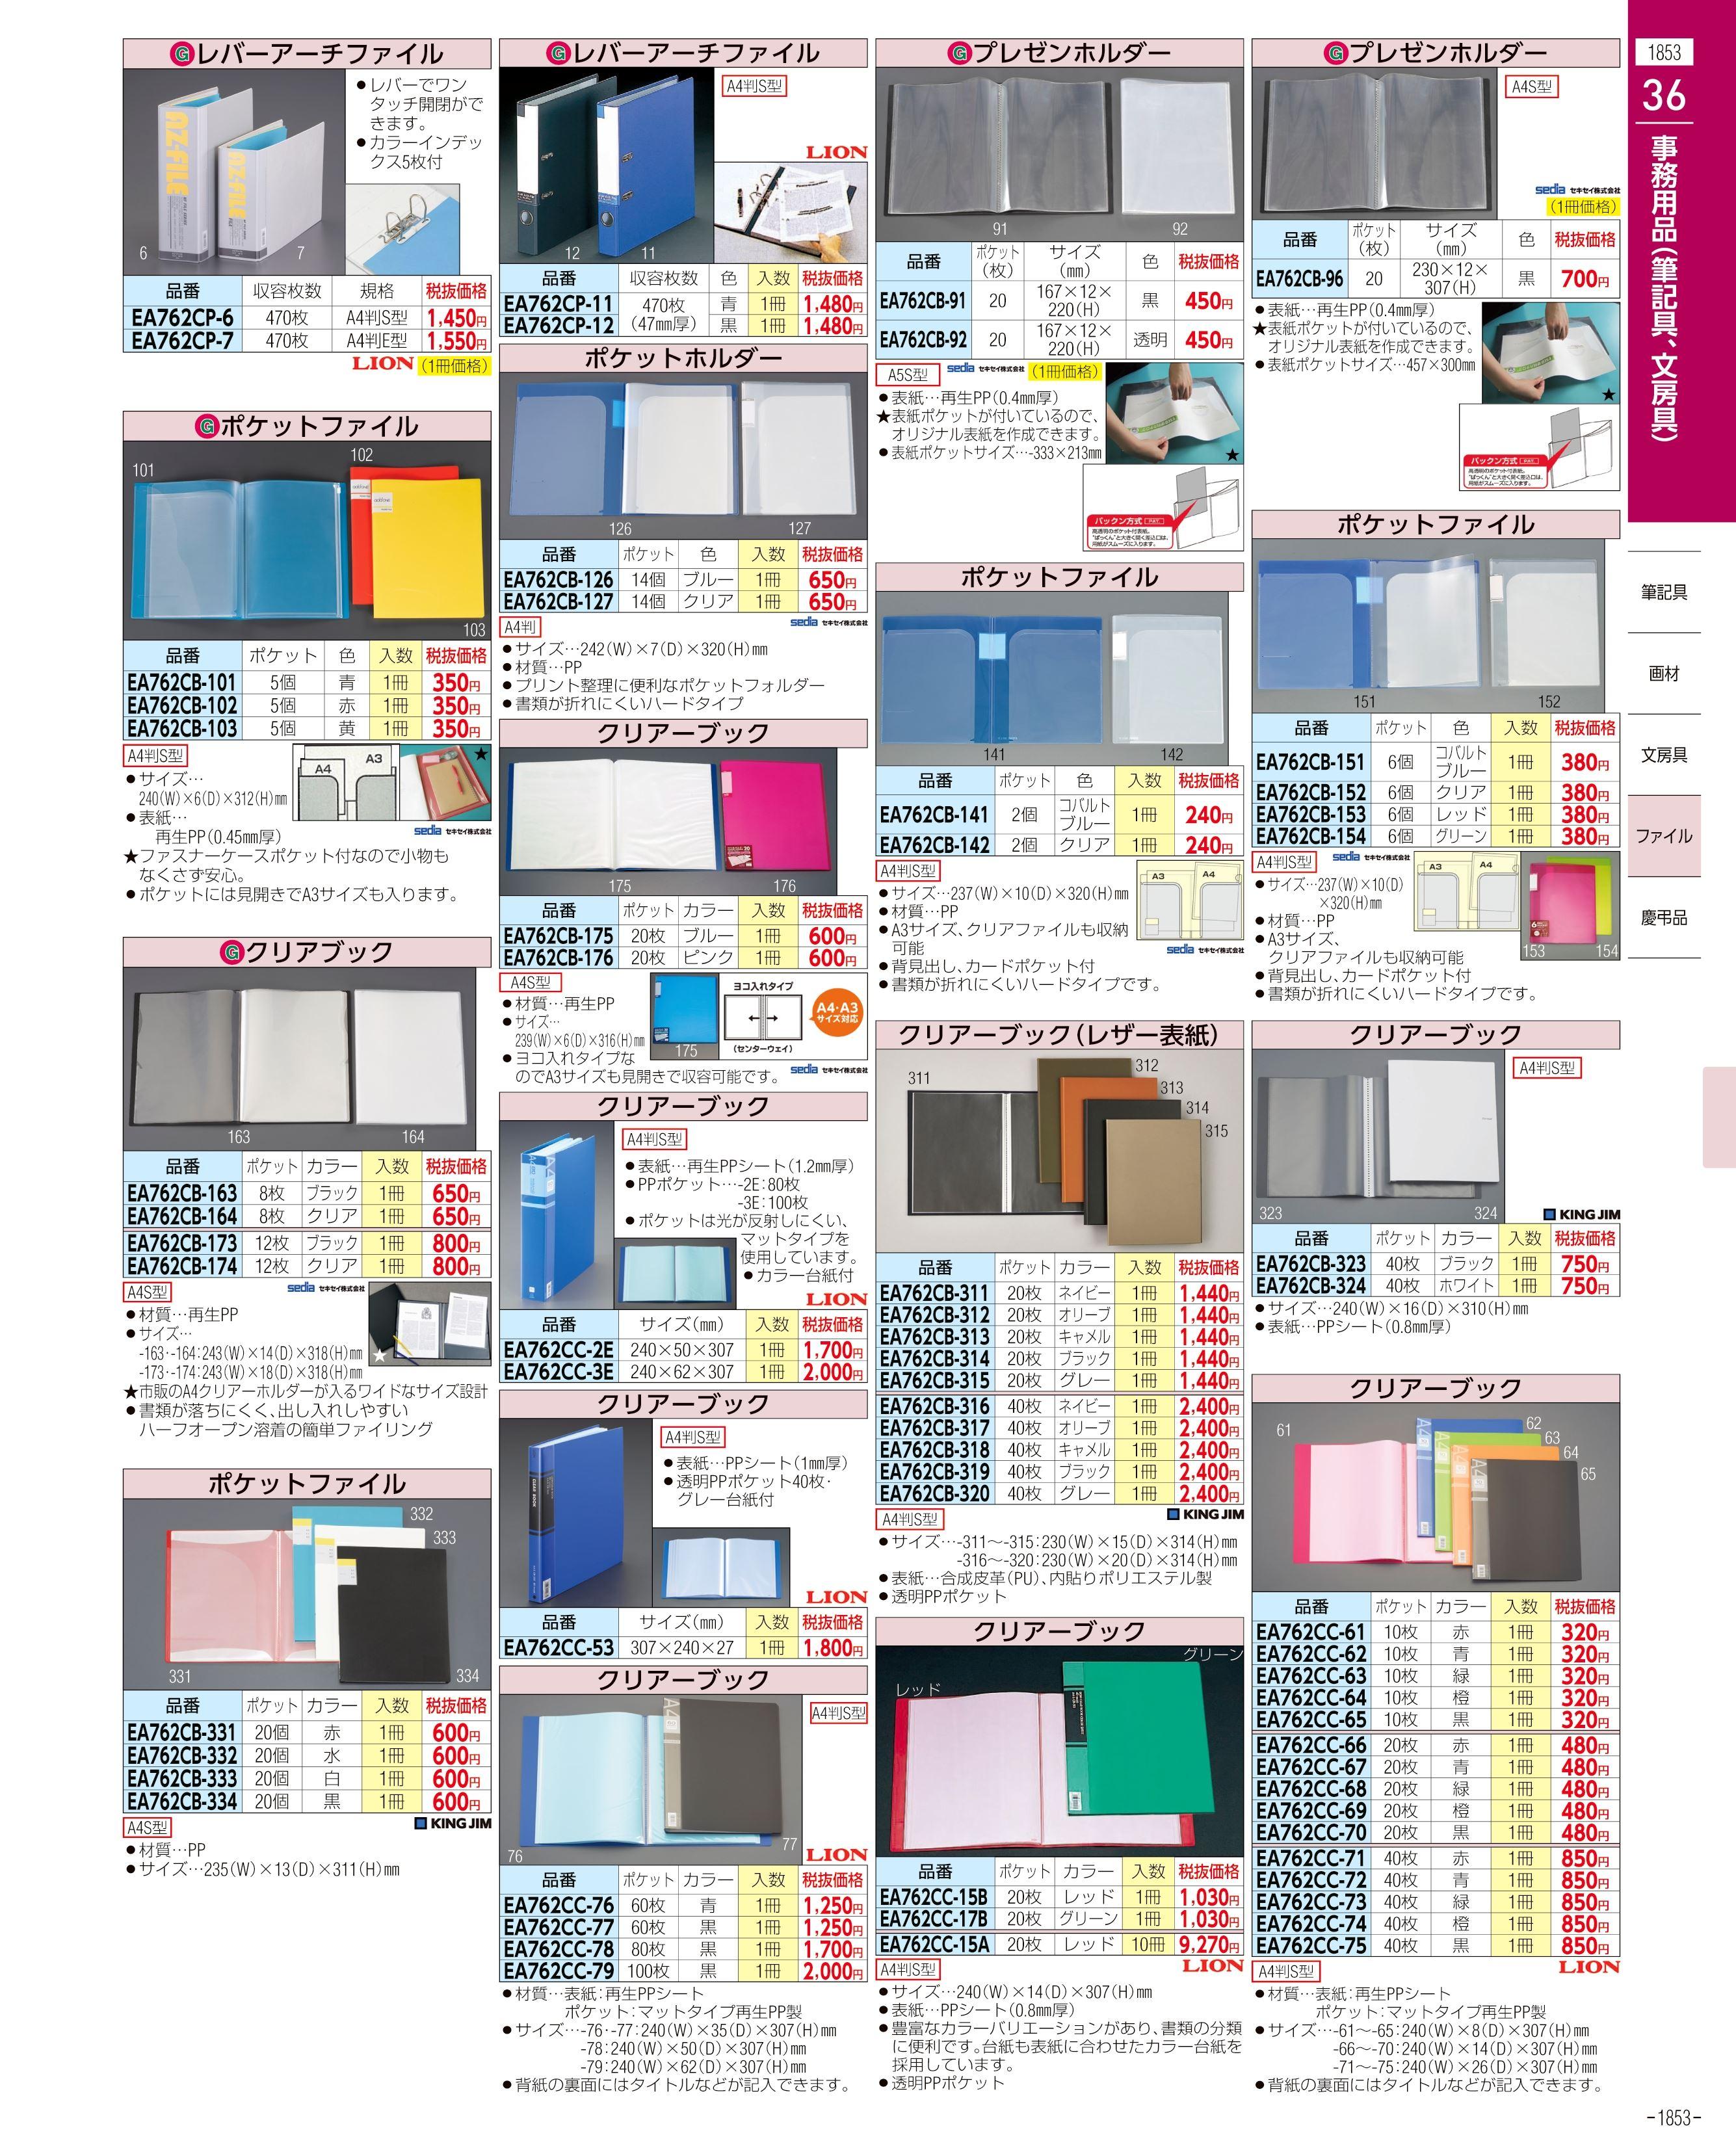 エスコ便利カタログ1853ページ